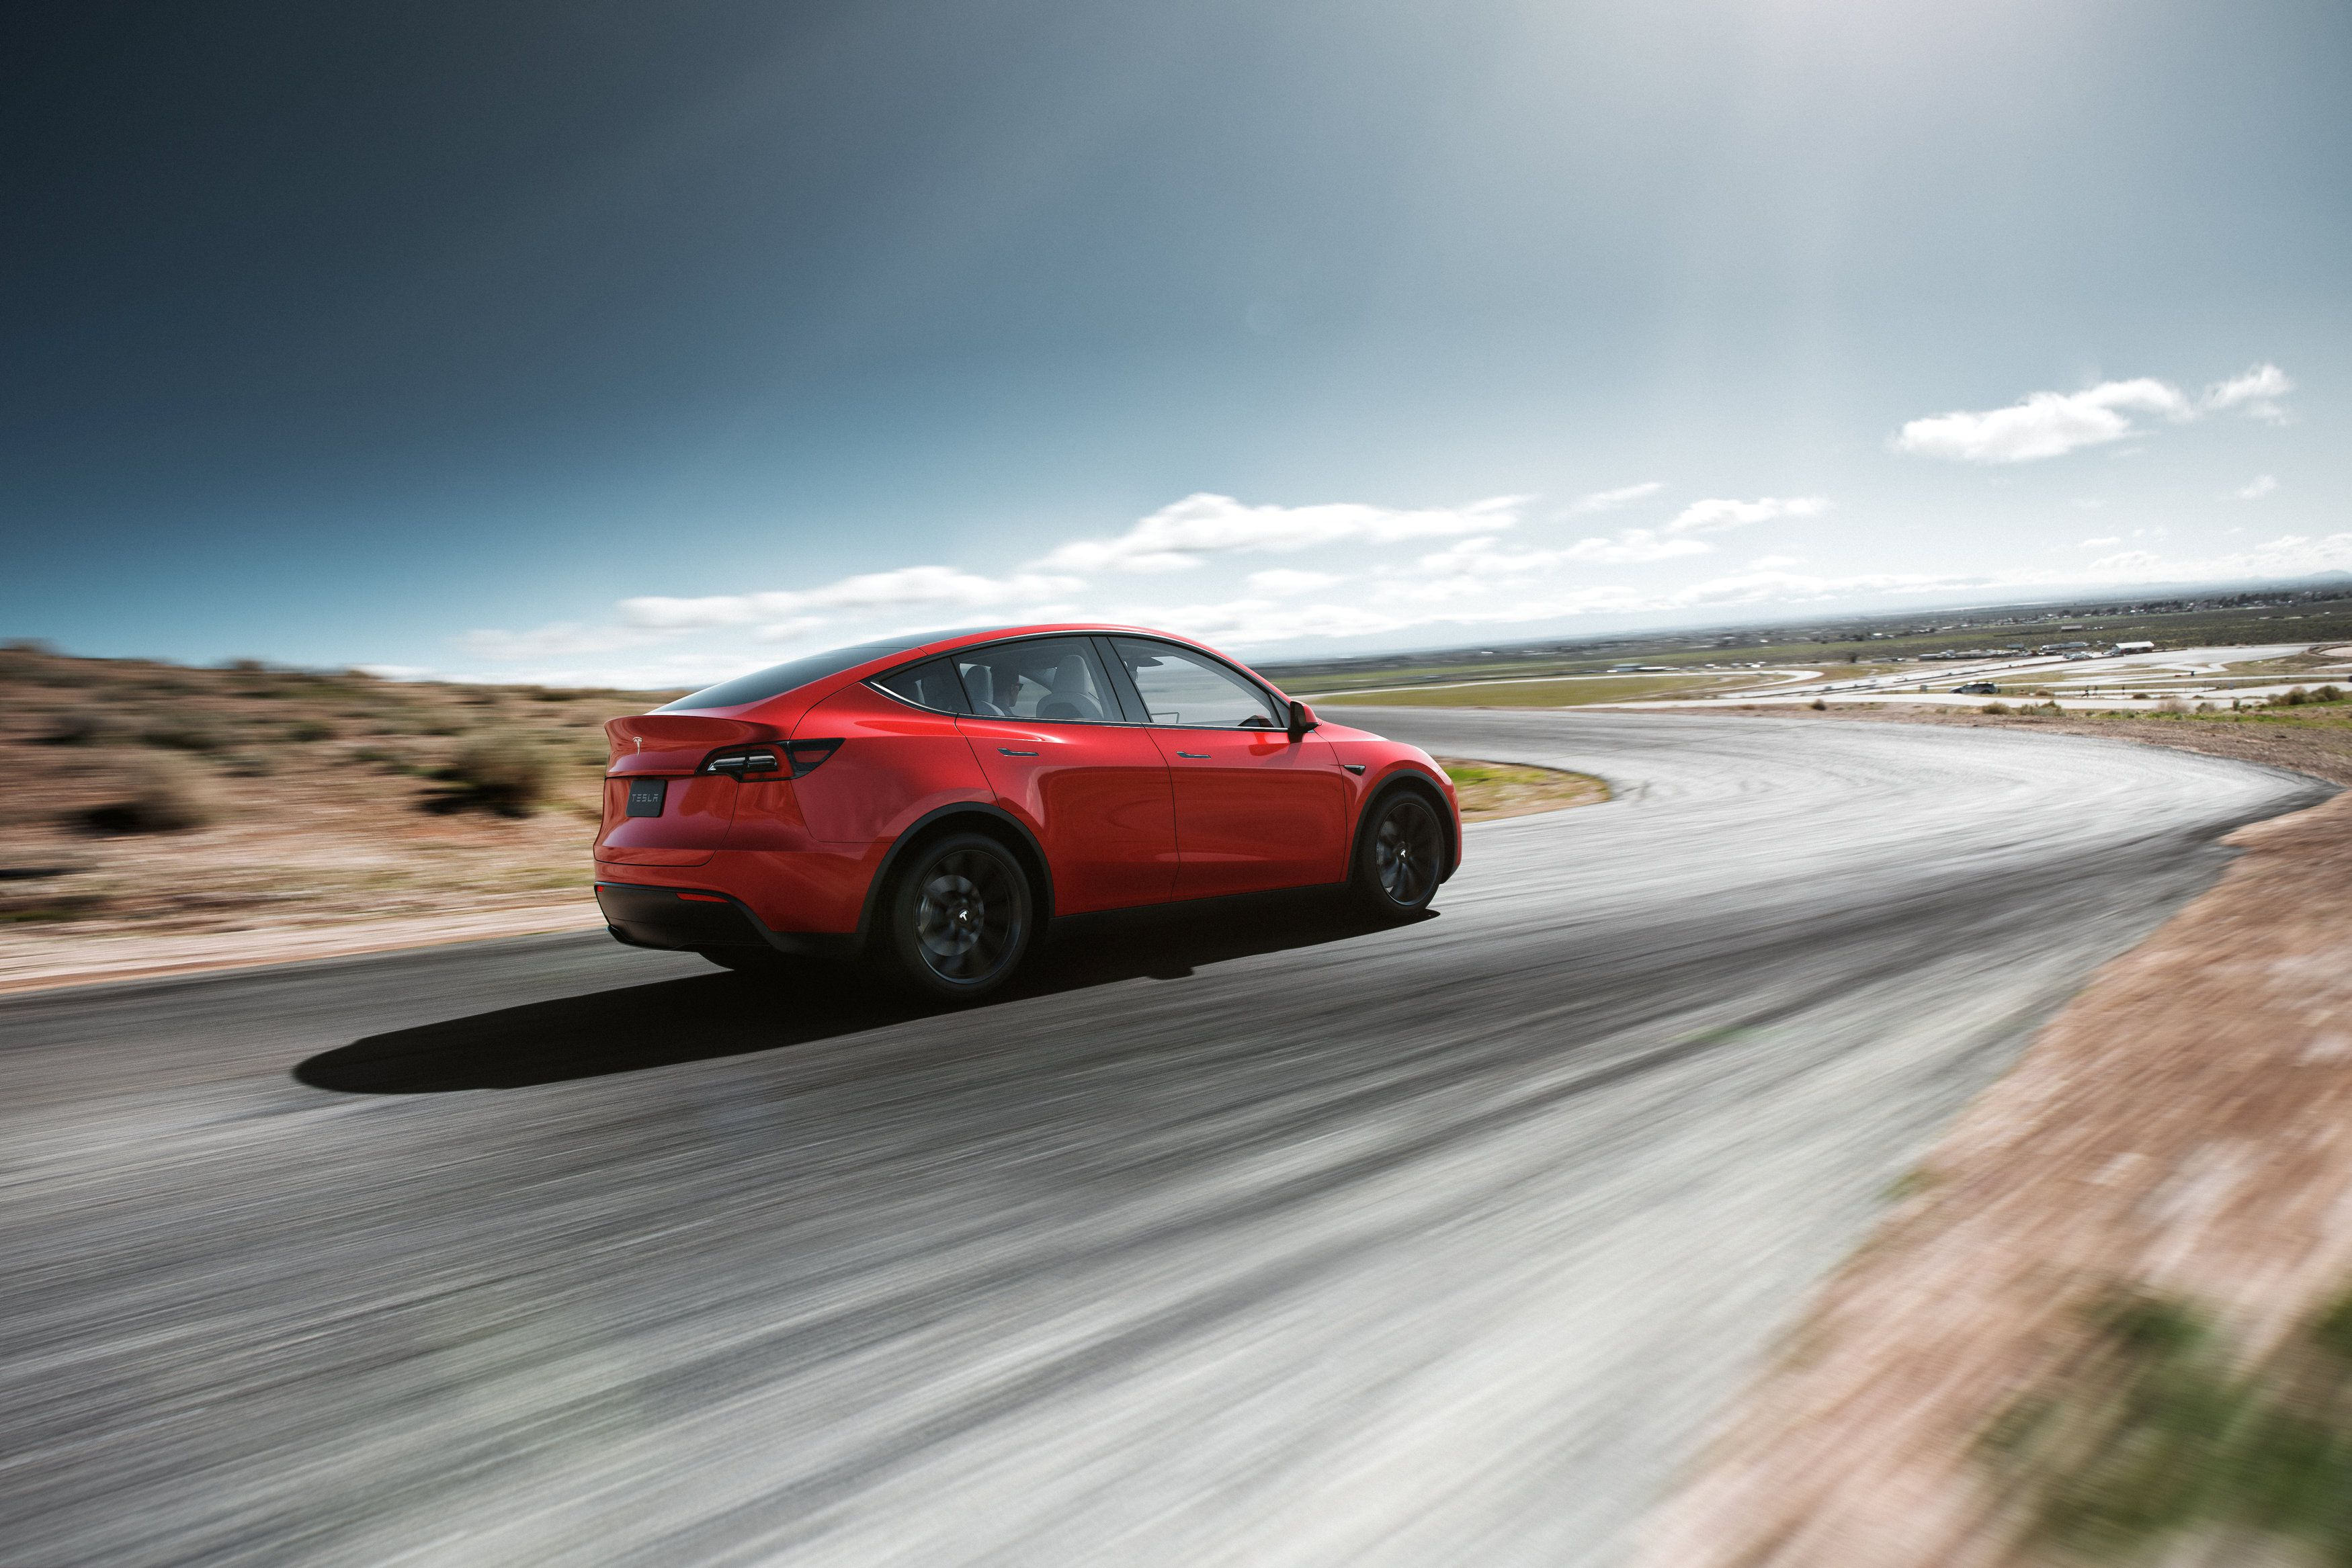 El Model 3 es el auto más accesible de Tesla. En Estados Unidos arranca en U$S 35.000 (Foto: Archivo)